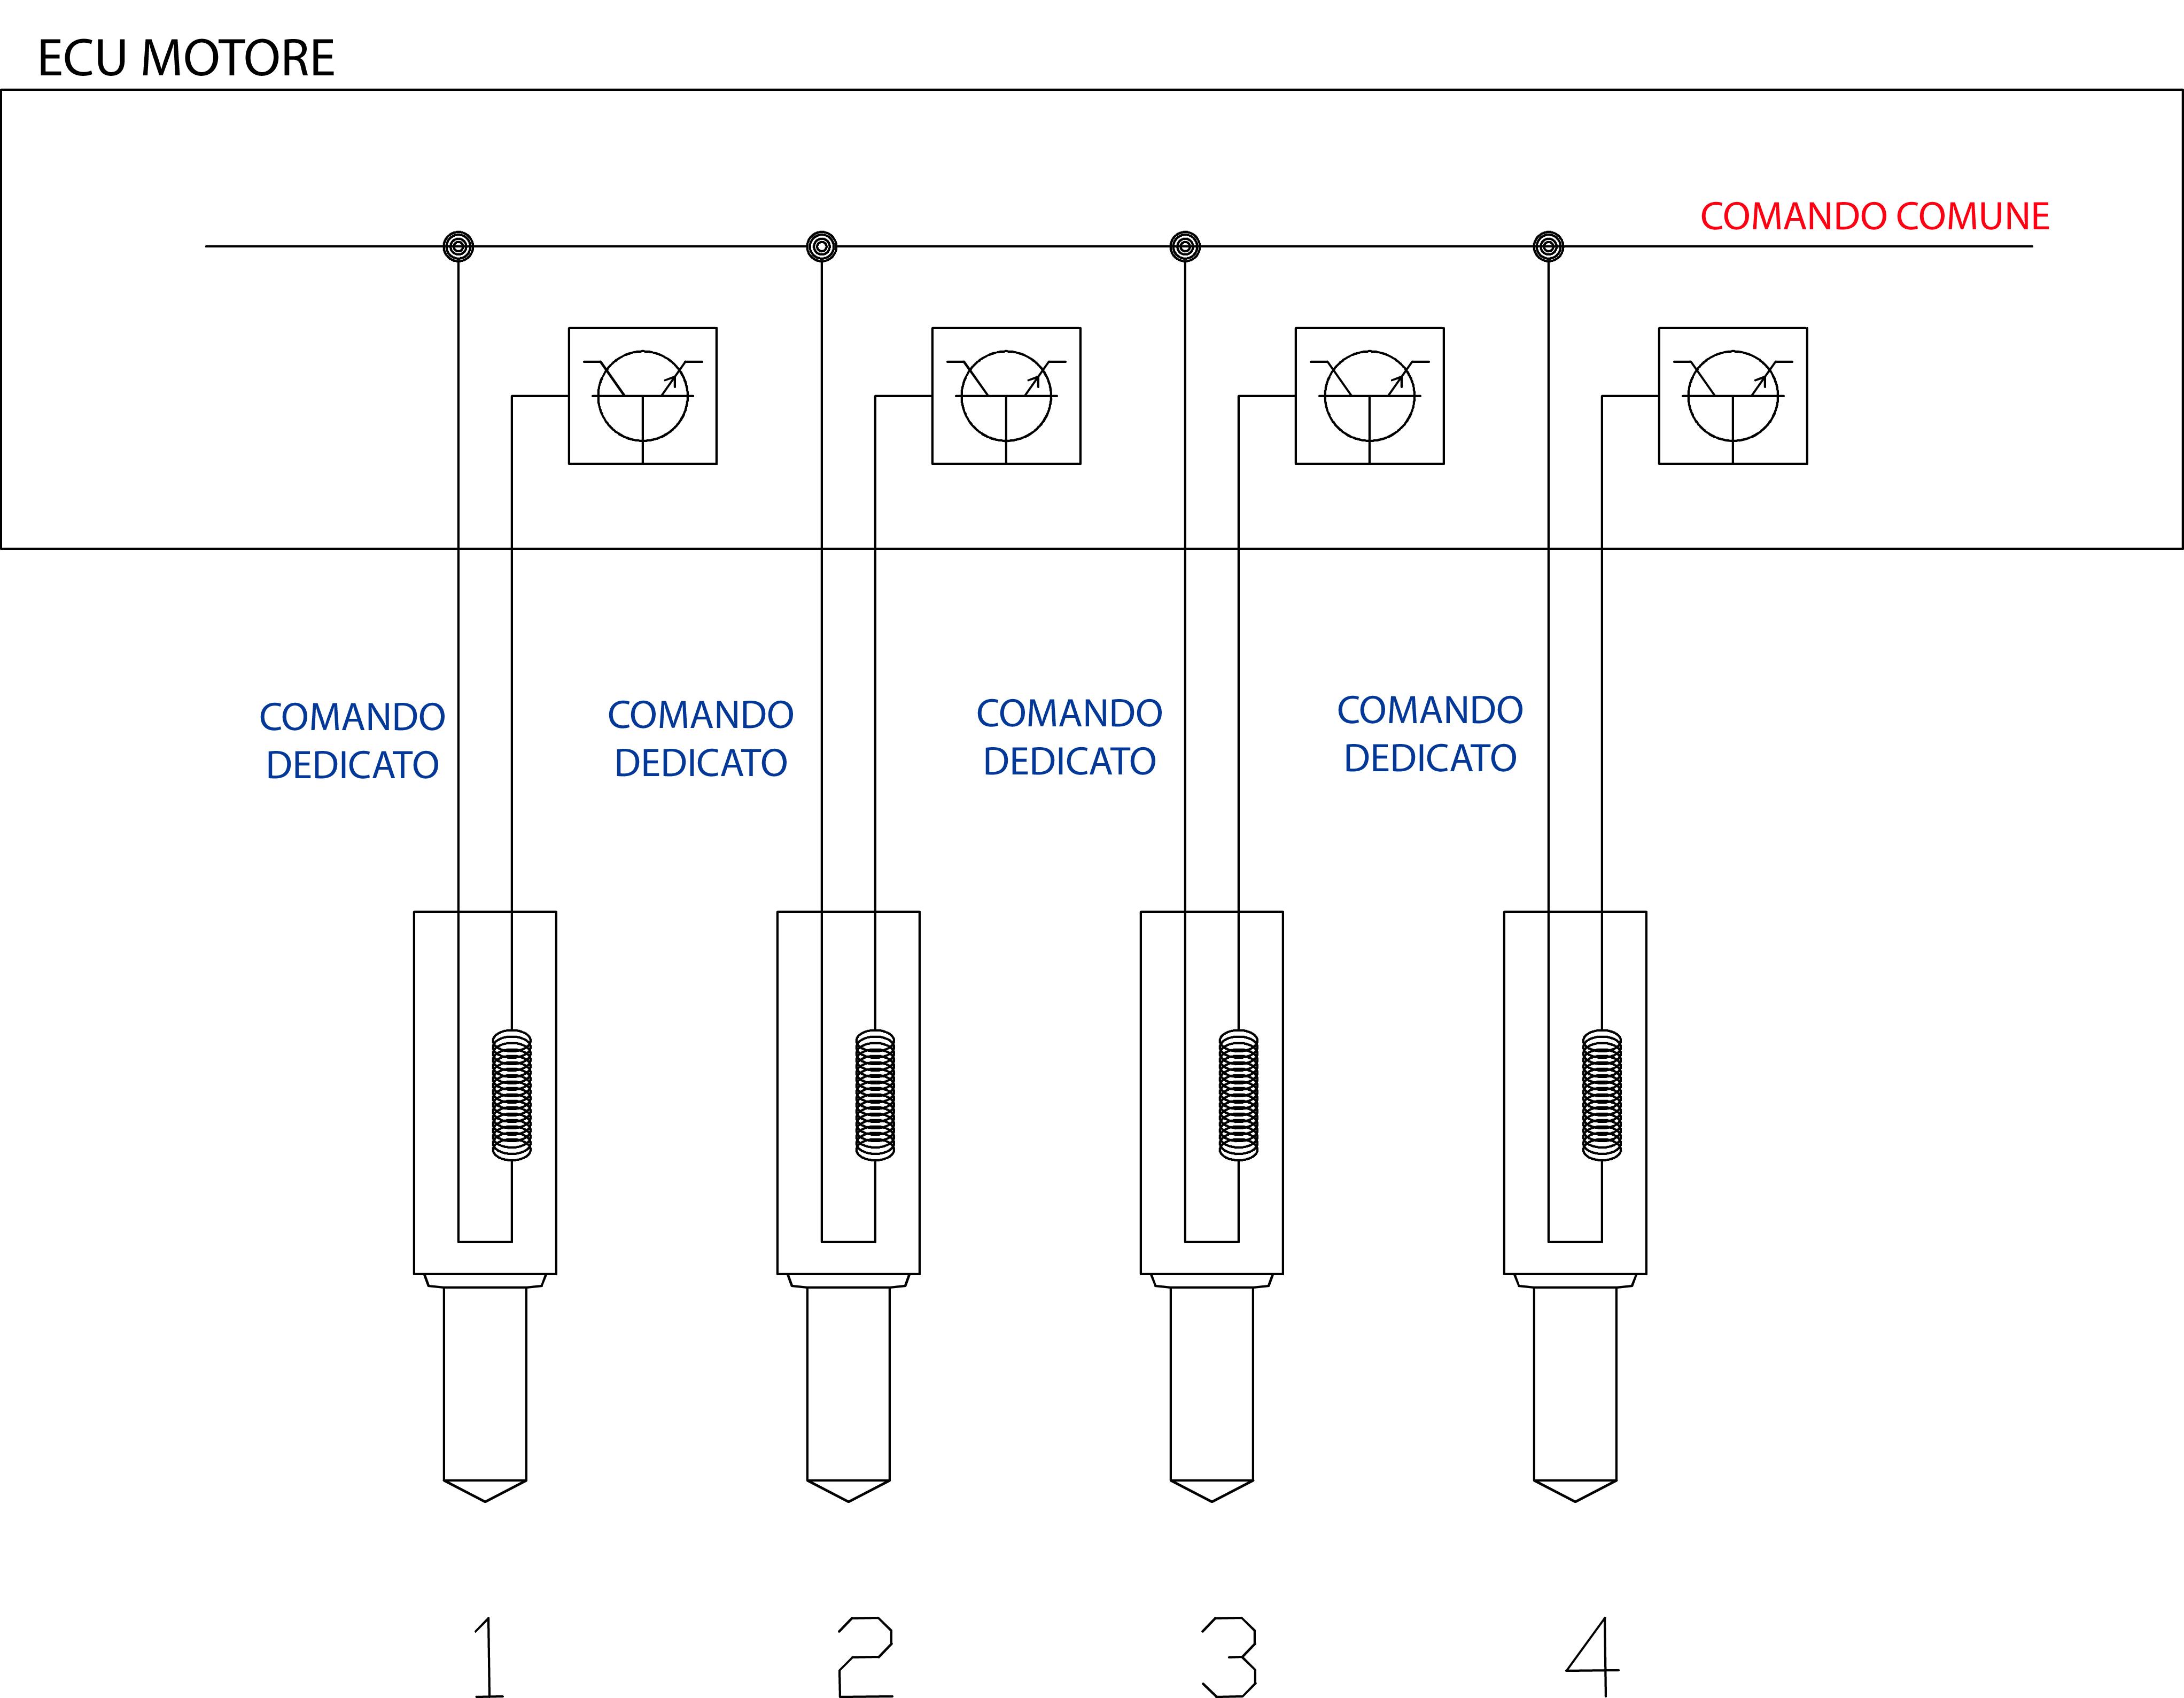 Schema Elettrico Elettrovalvola : Il comando e l assorbimento elettrico dell iniettore pompa